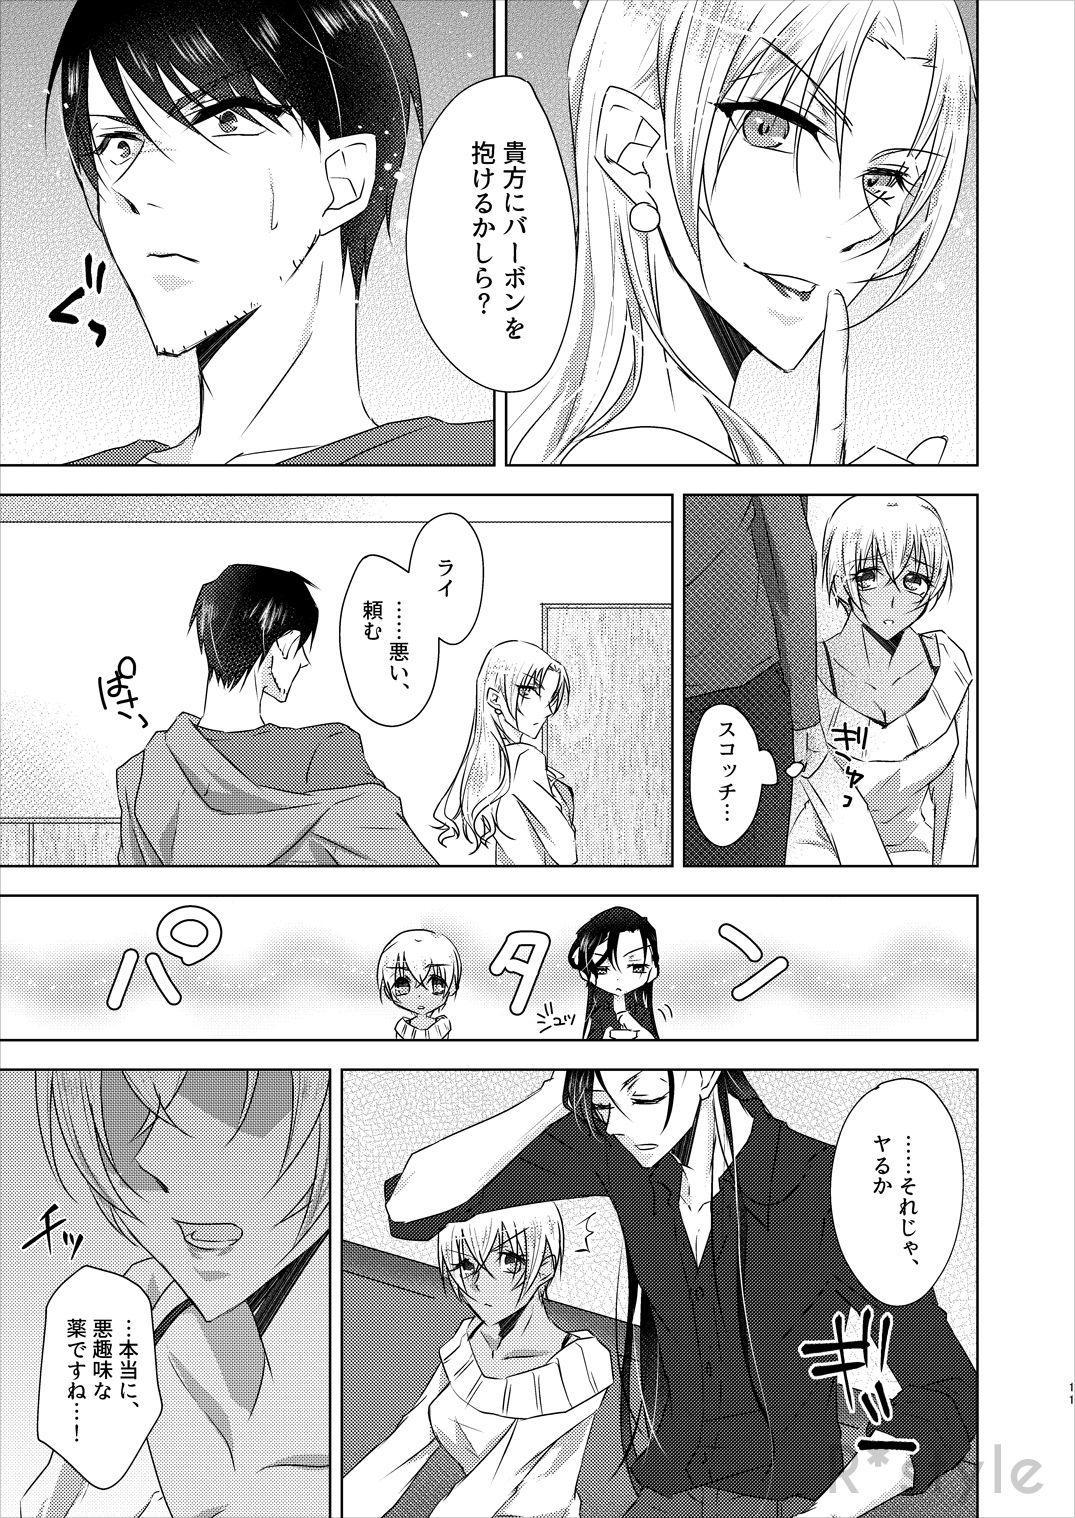 Kanojo wa Himitsu o Motteiru Side:RB 9